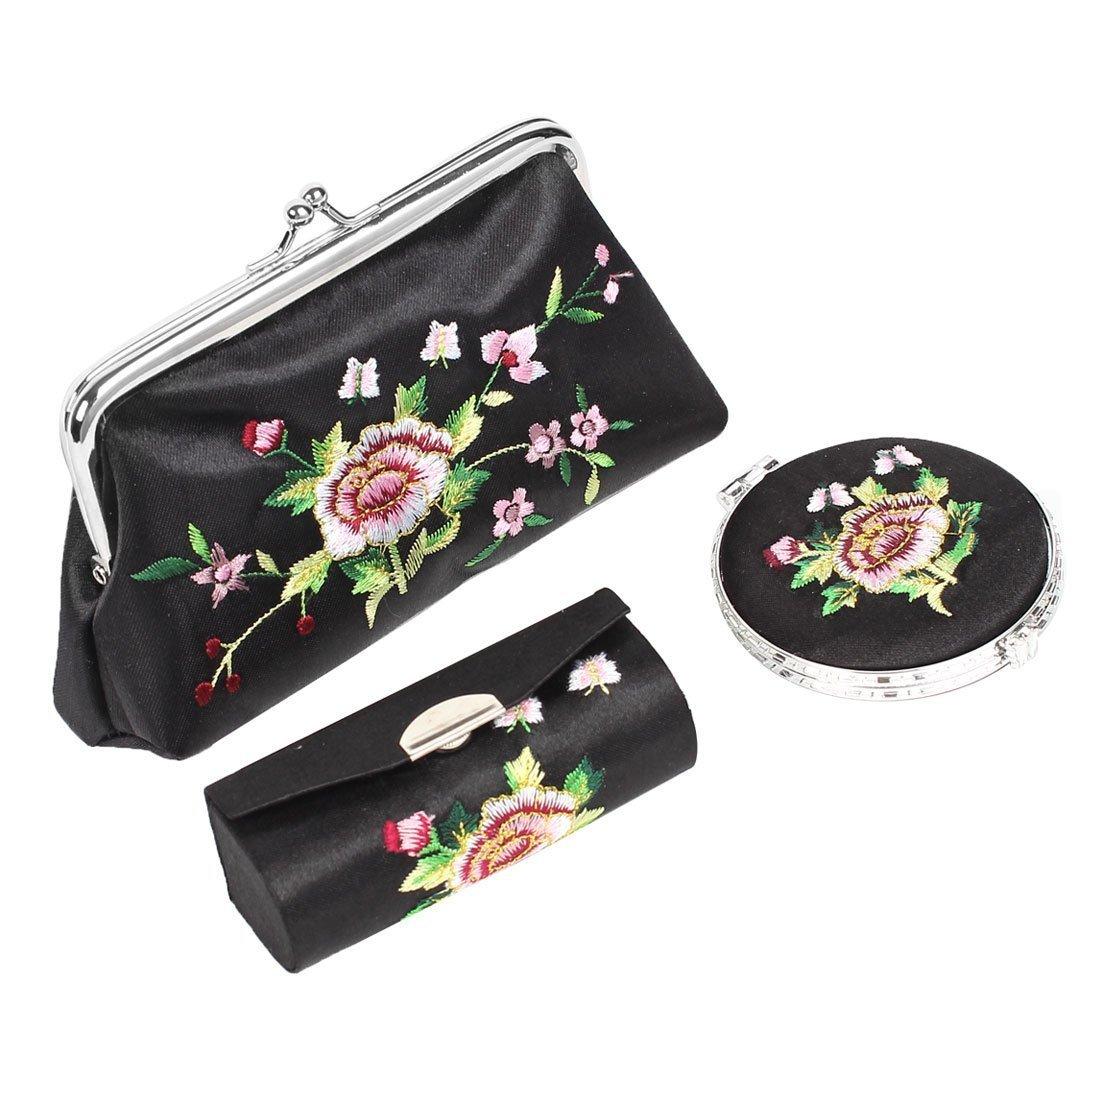 Amazon.com: Espejo de bolso del lápiz Labial Caja del sostenedor 3 Monedero eDealMax Bordado Floral en 1 Set Negro: Health & Personal Care